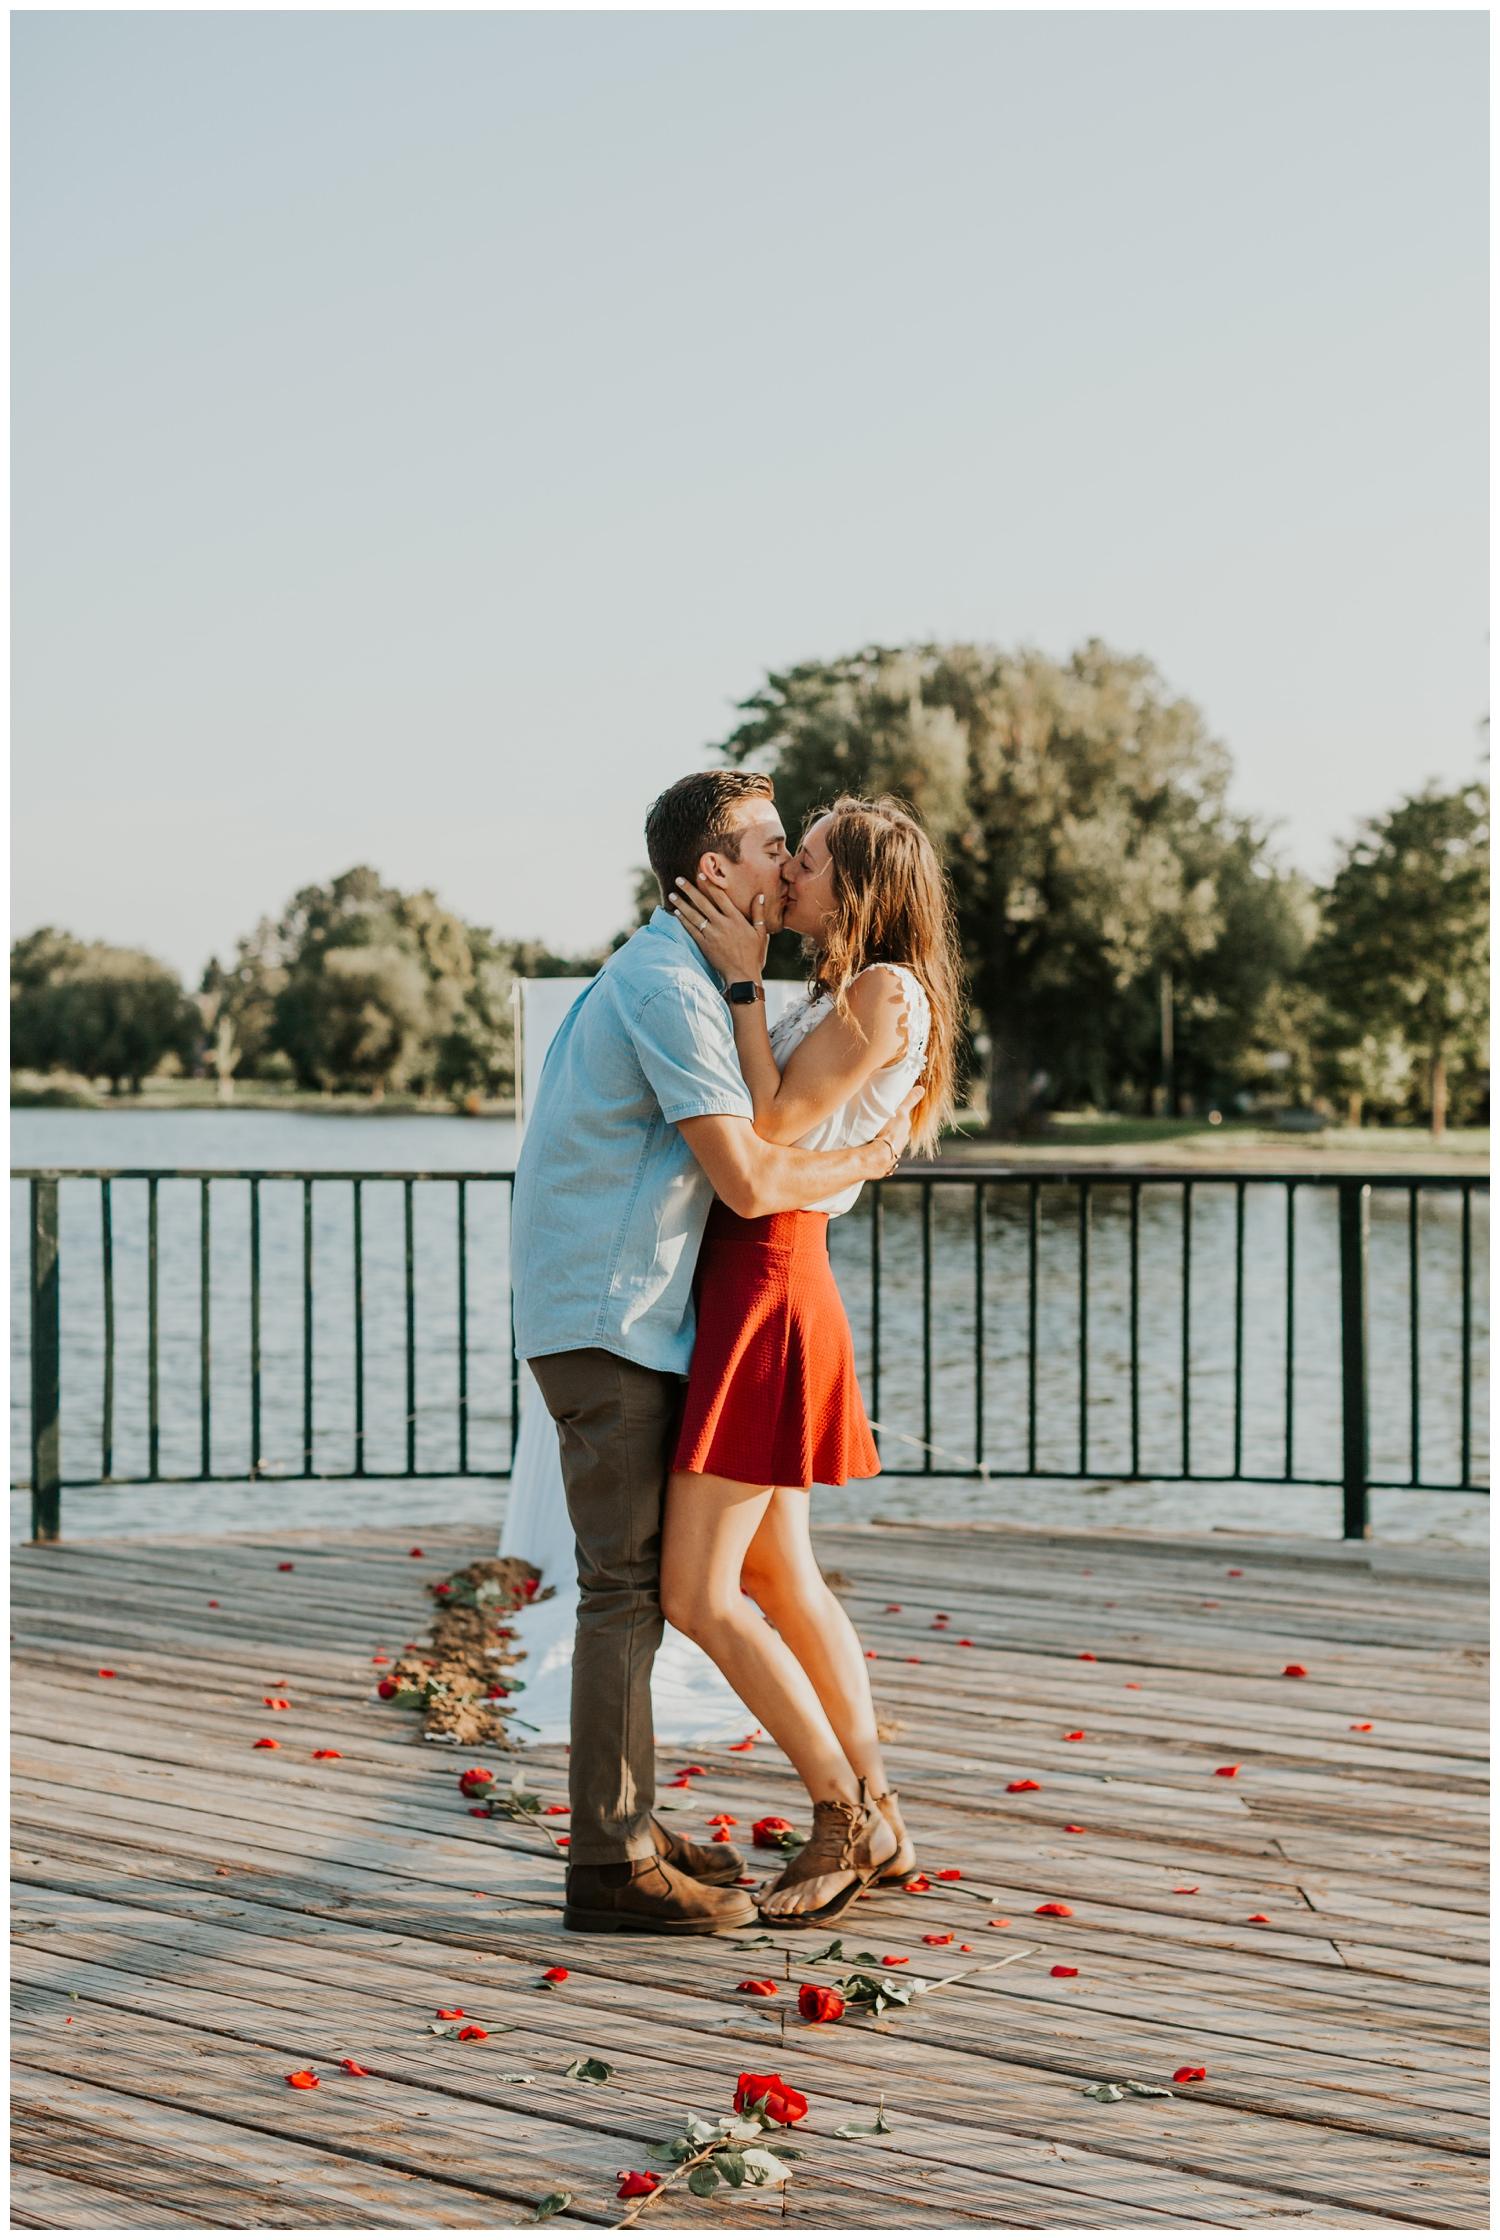 MatthewLaurel-WashPark-Engagement_0004.jpg